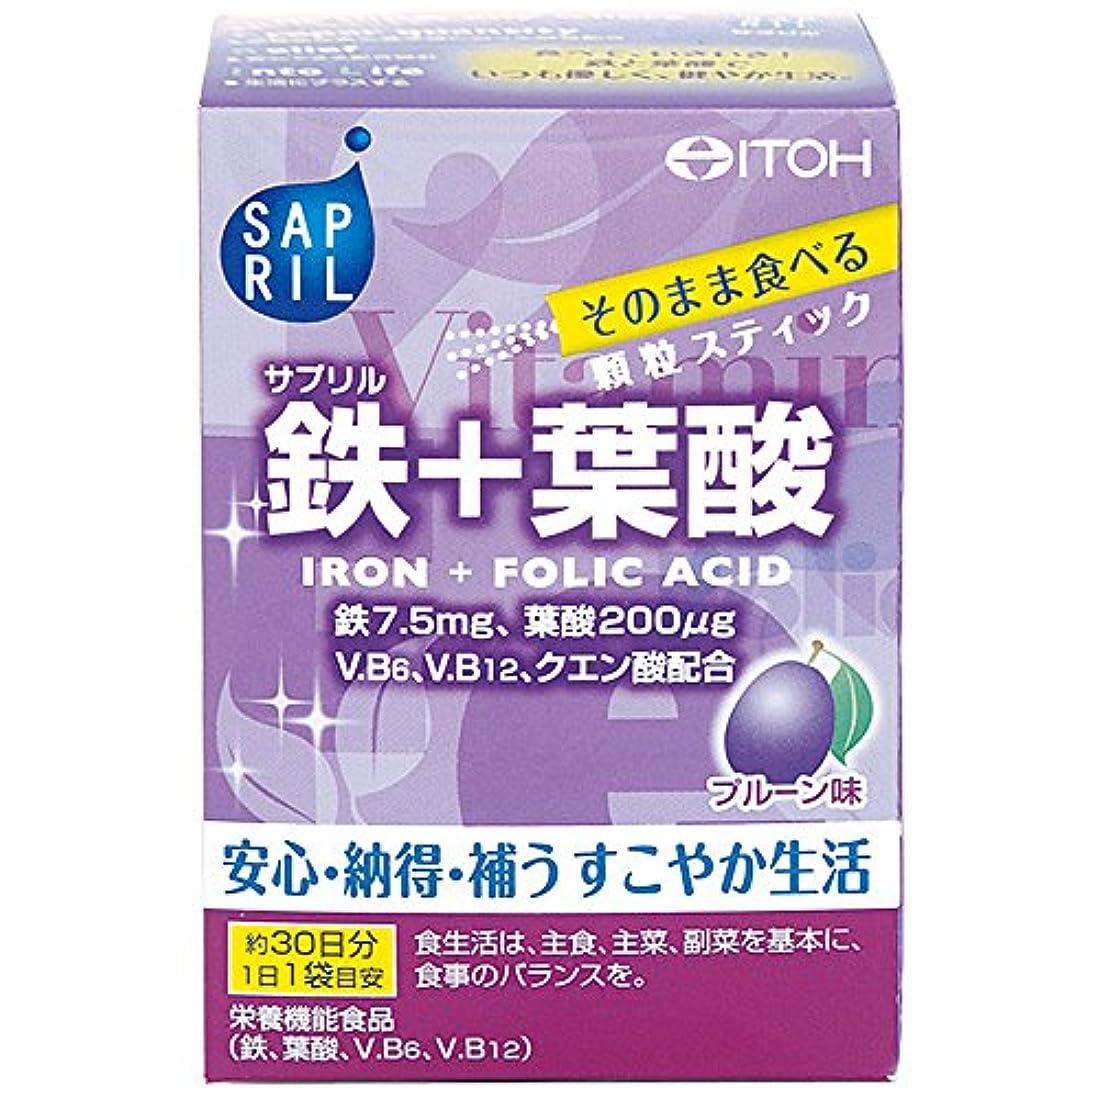 上向き移動するバス井藤漢方製薬 サプリル 鉄+葉酸 約30日分 2gX30袋